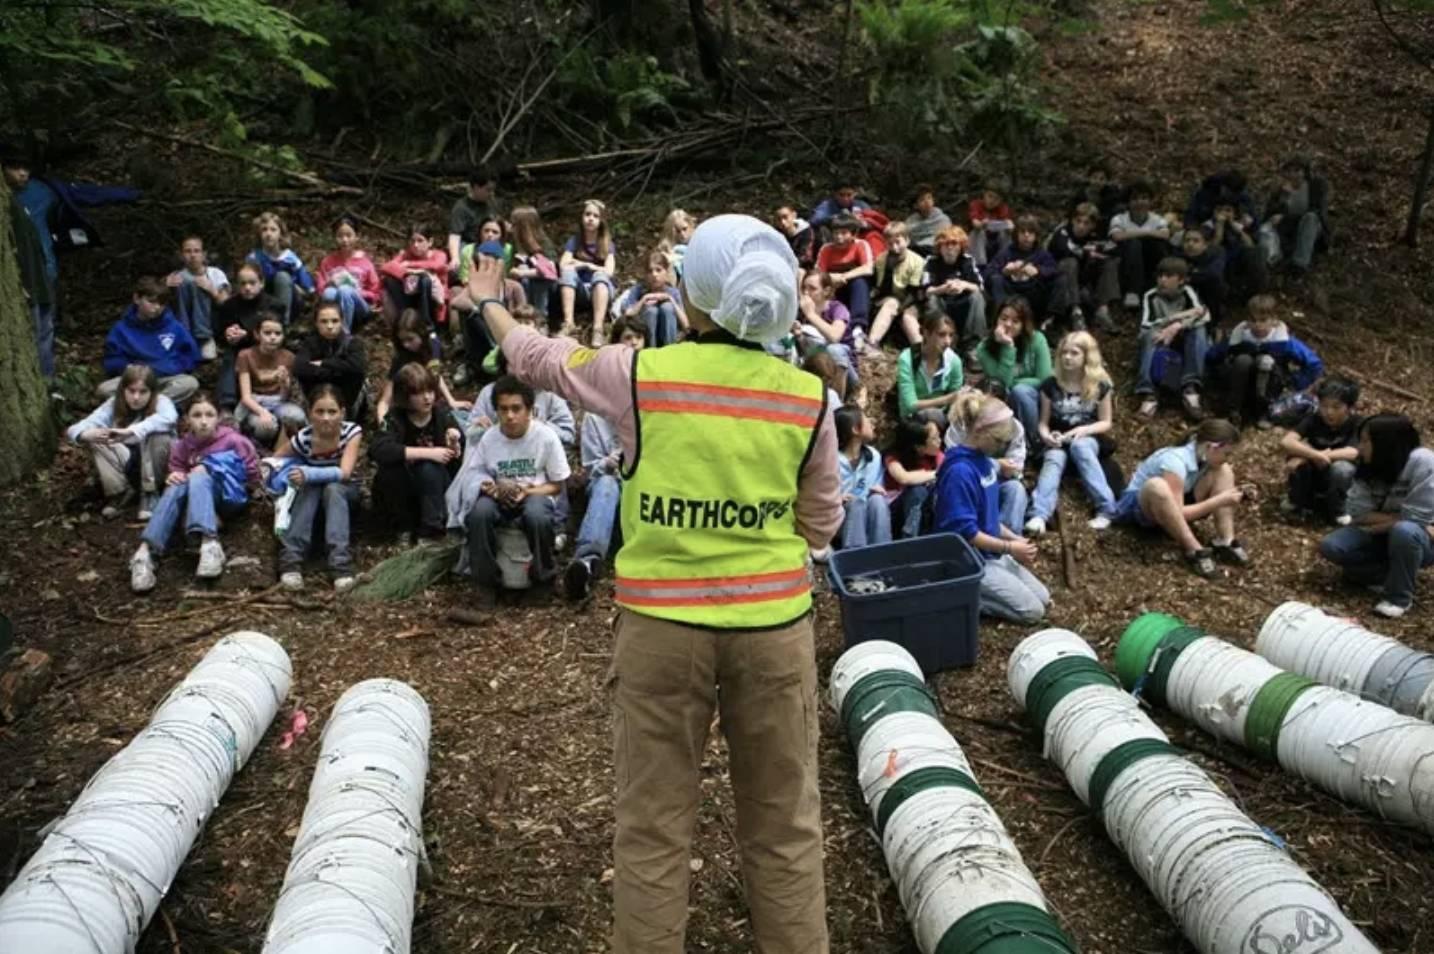 Imagem de voluntários da EarthCorps em uma floresta.